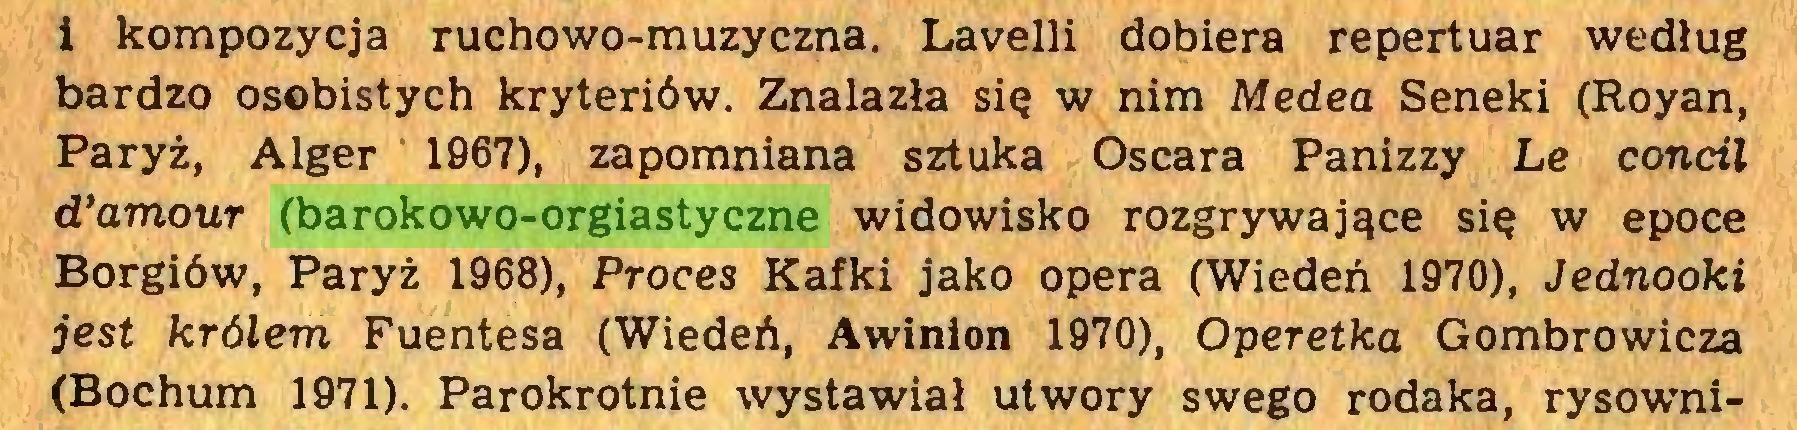 (...) i kompozycja ruchowo-muzyczna. Lavelli dobiera repertuar według bardzo osobistych kryteriów. Znalazła się w nim Medea Seneki (Royan, Paryż, Alger 1967), zapomniana sztuka Oscara Panizzy Le concil d*amour (barokowo-orgiastyczne widowisko rozgrywające się w epoce Borgiów, Paryż 1968), Proces Kafki jako opera (Wiedeń 1970), Jednooki jest królem Fuentesa (Wiedeń, Awinion 1970), Operetka Gombrowicza (Bochum 1971). Parokrotnie wystawiał utwory swego rodaka, rysowni...